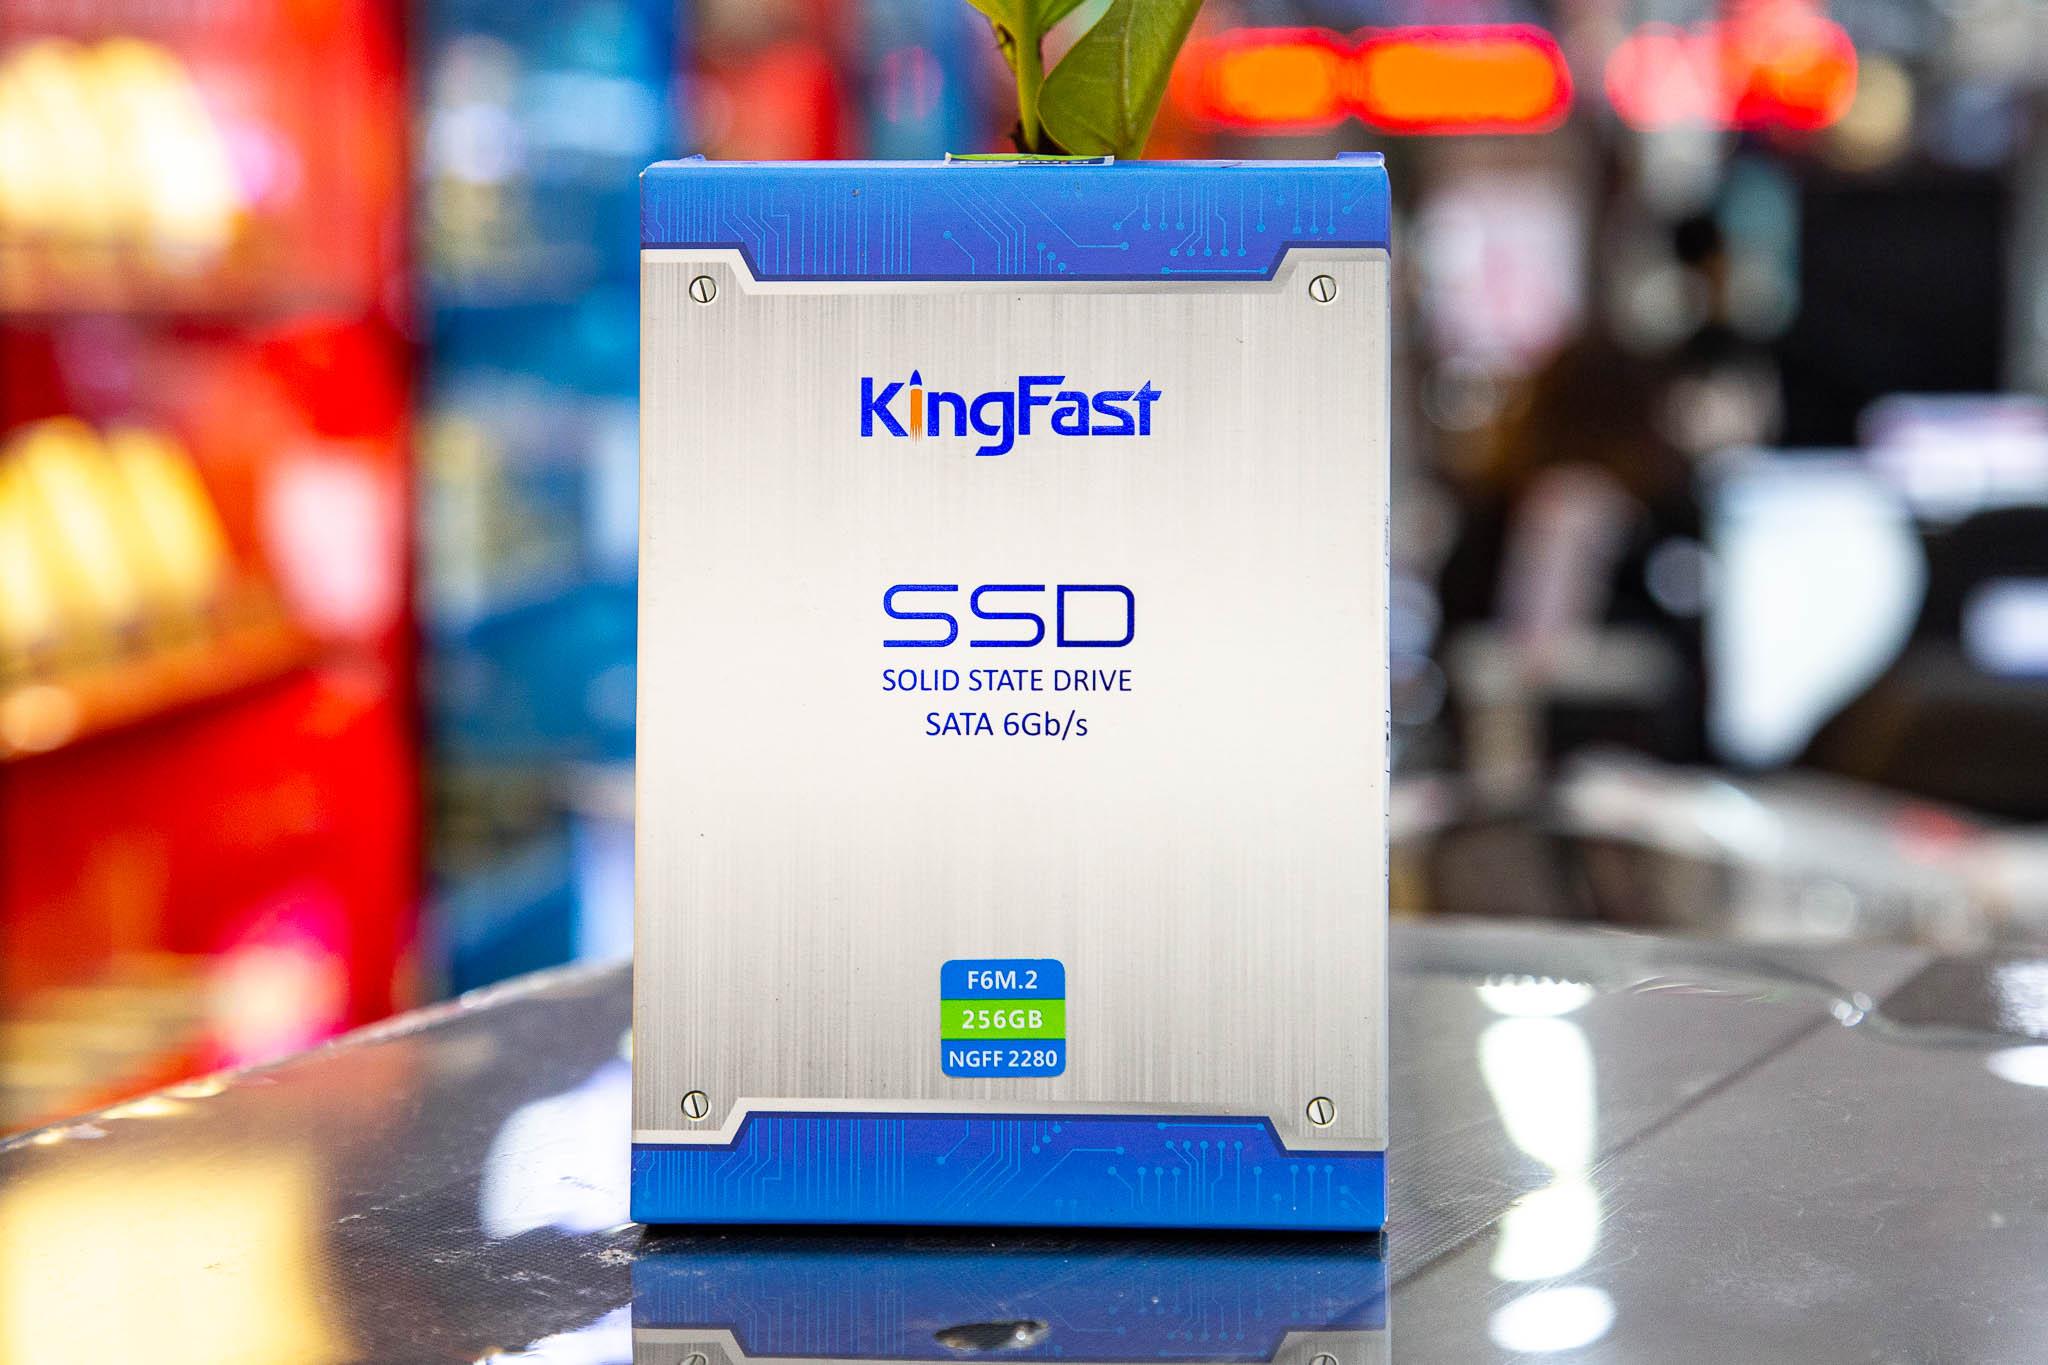 Ổ cứng SSD KINGFAST F6M.2 128GB M.2 2280 (Đọc 550MB/s - Ghi 450MB/s)